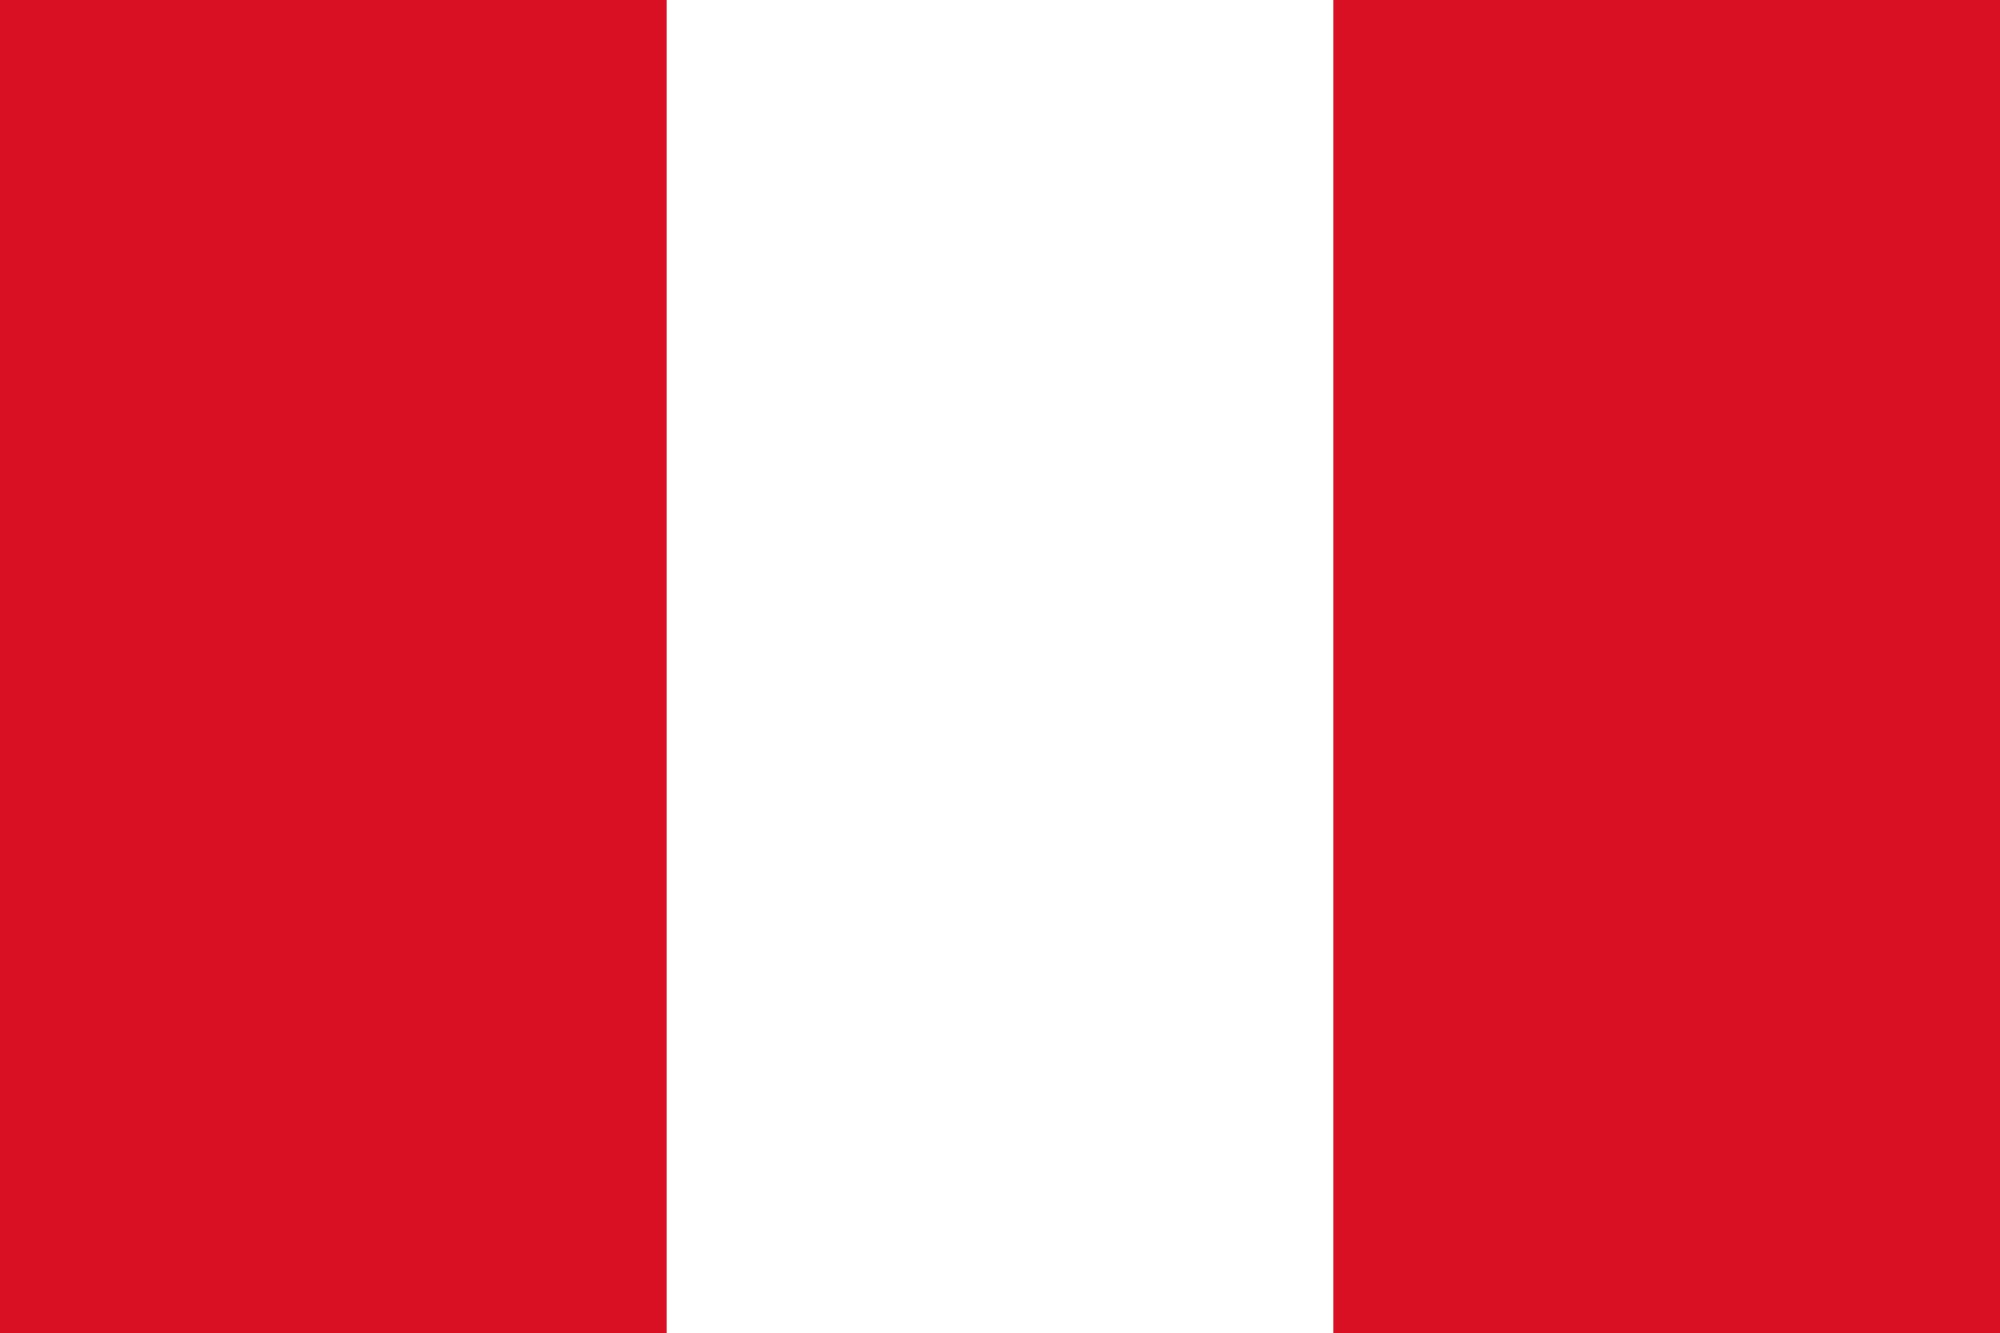 Overview: Peruvian Fleet Market